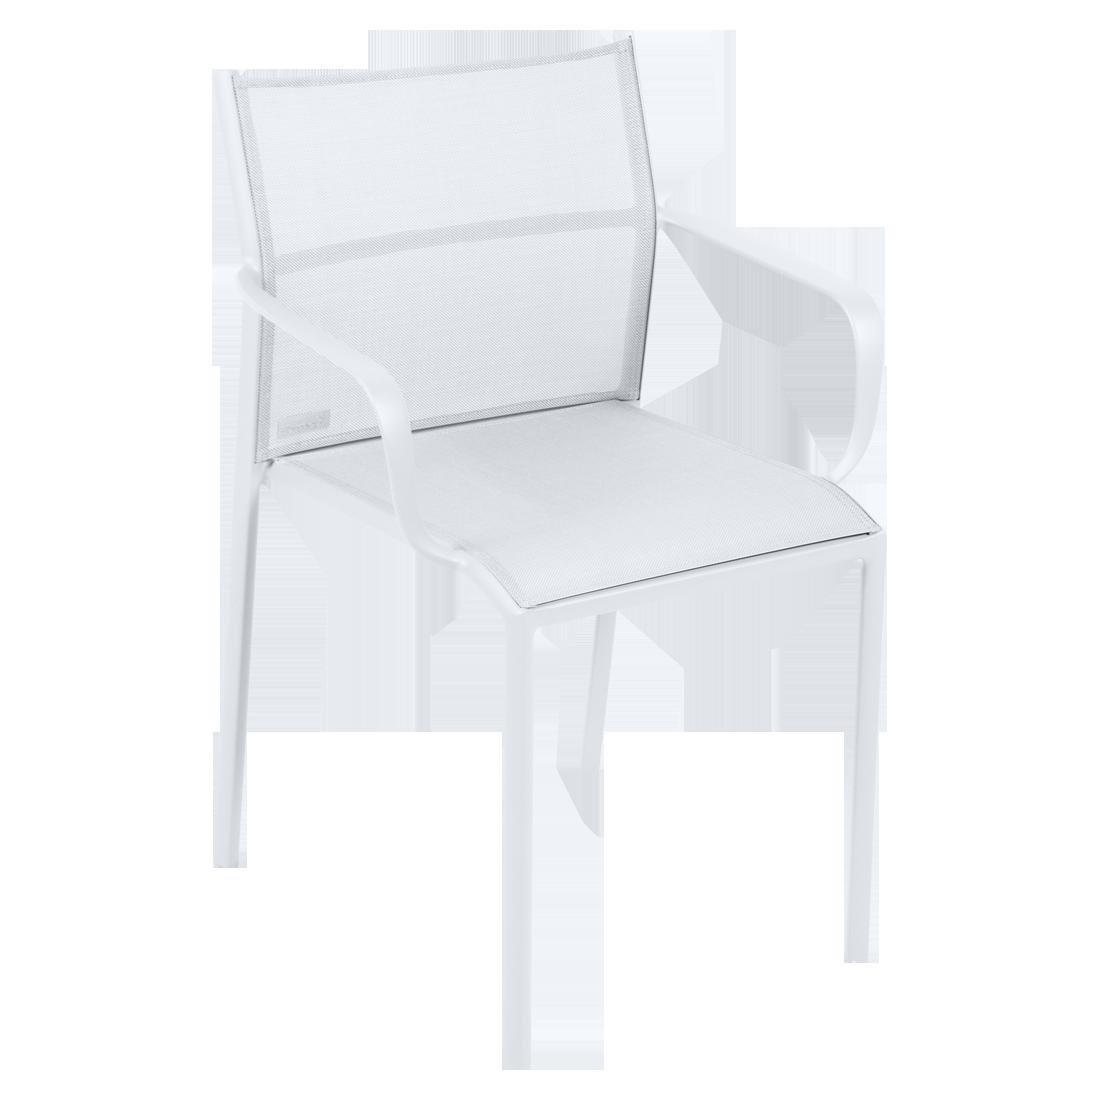 chaise bridge de jardin, chaise bridge en métal et toile blanc coton